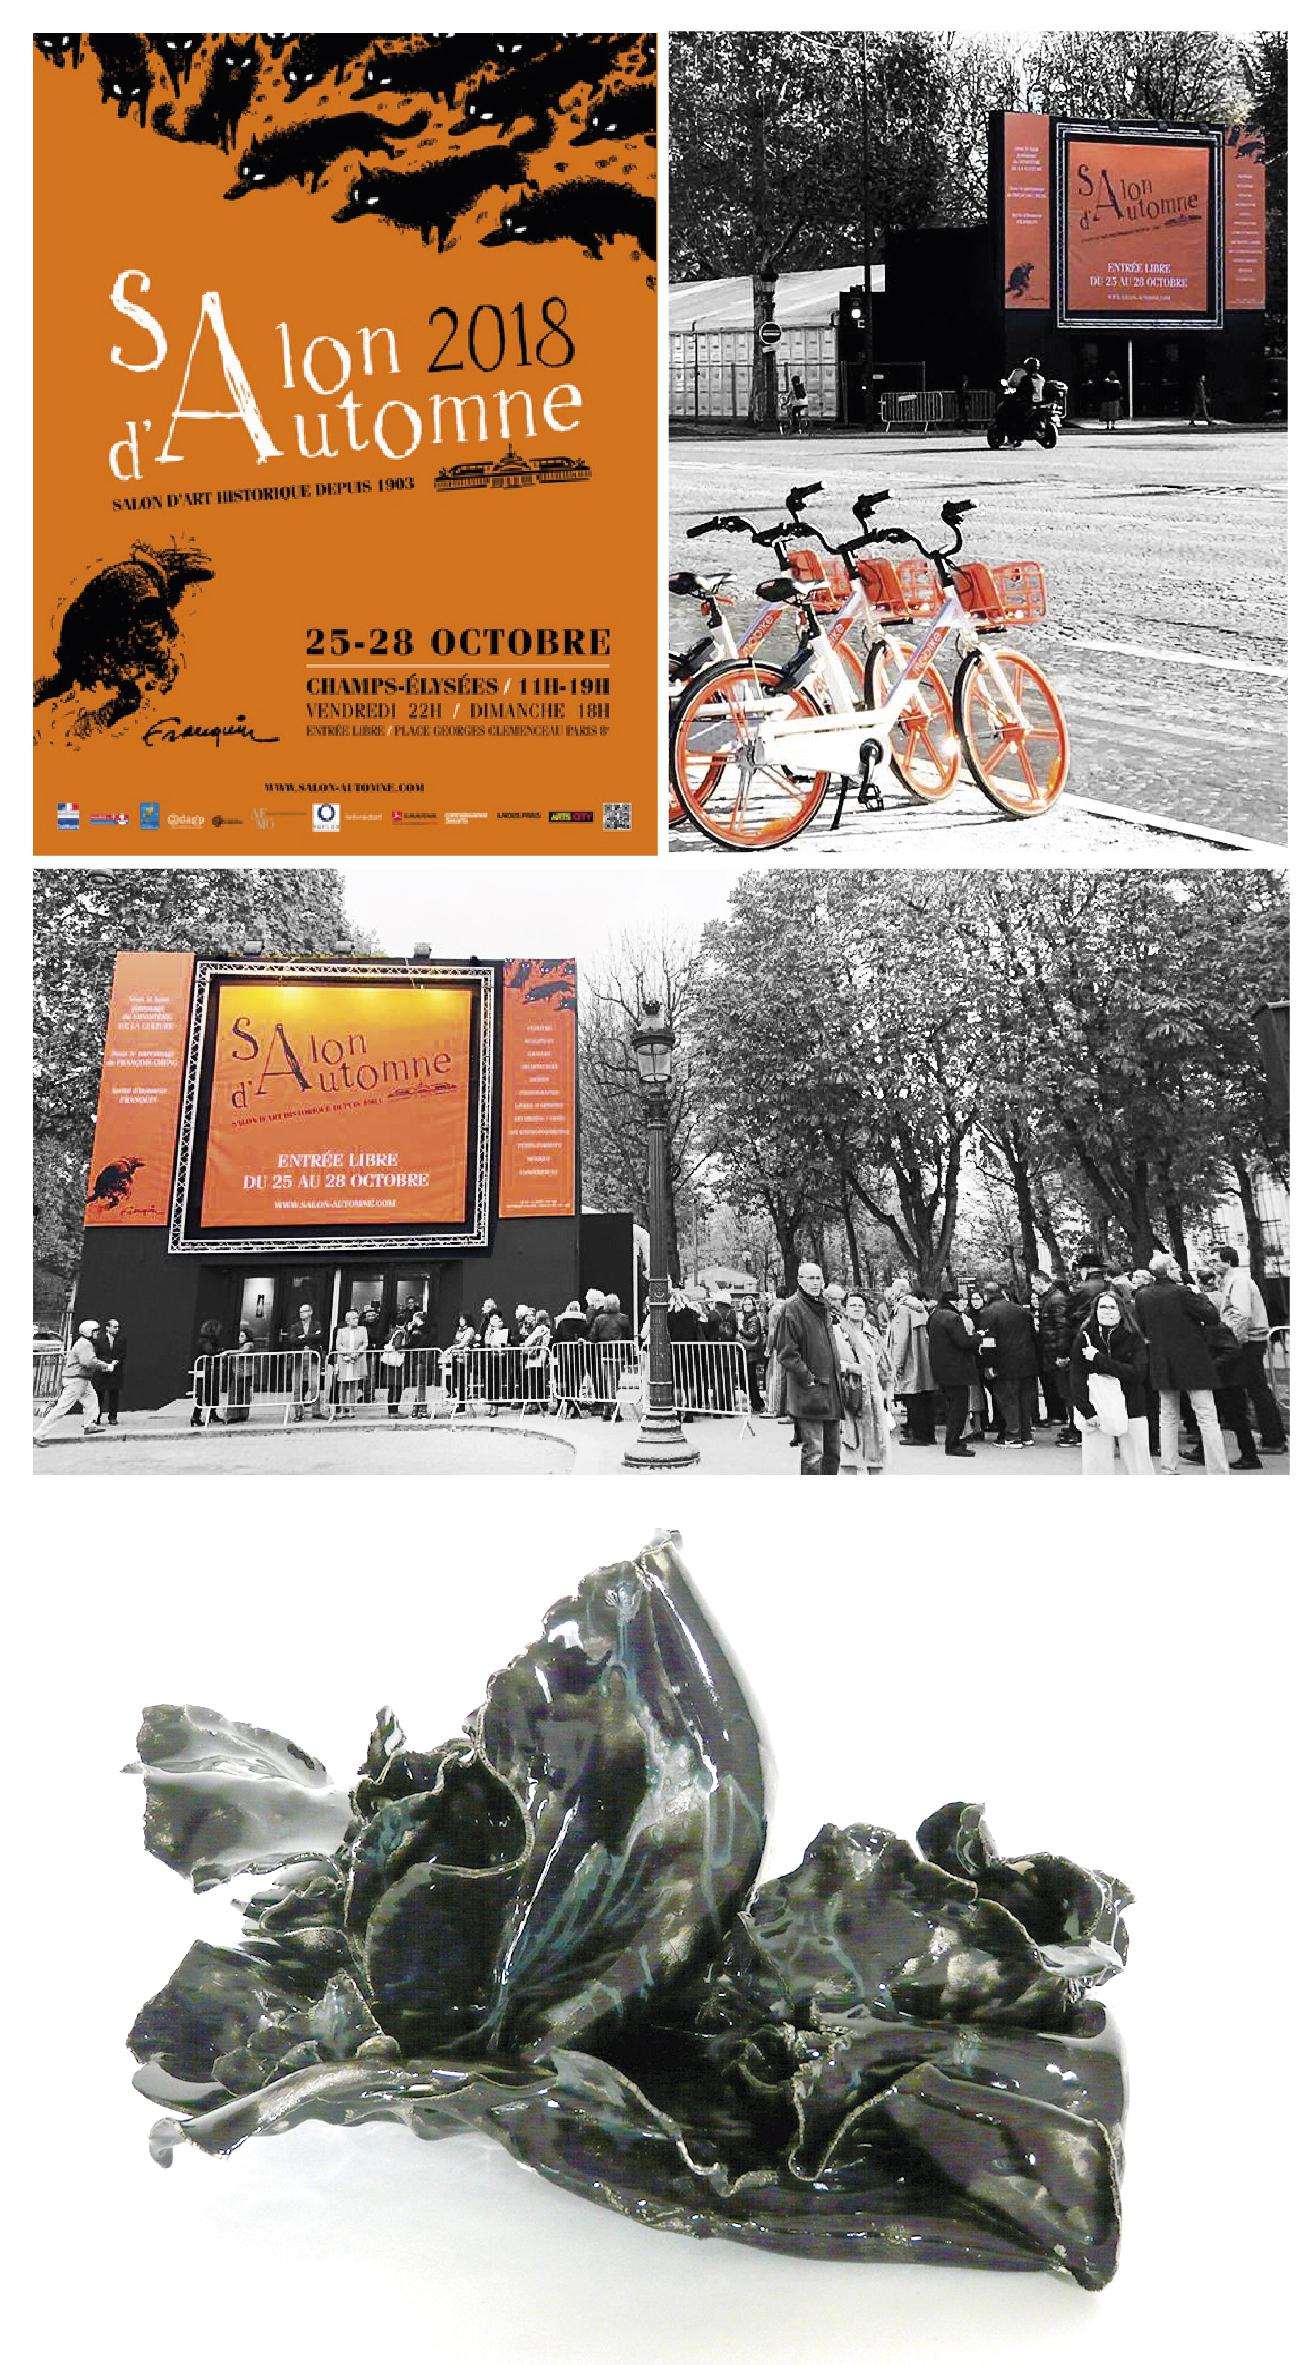 Salon d'Automne 2018 - Paris - Sculptures Céramique de Florence Lemiegre